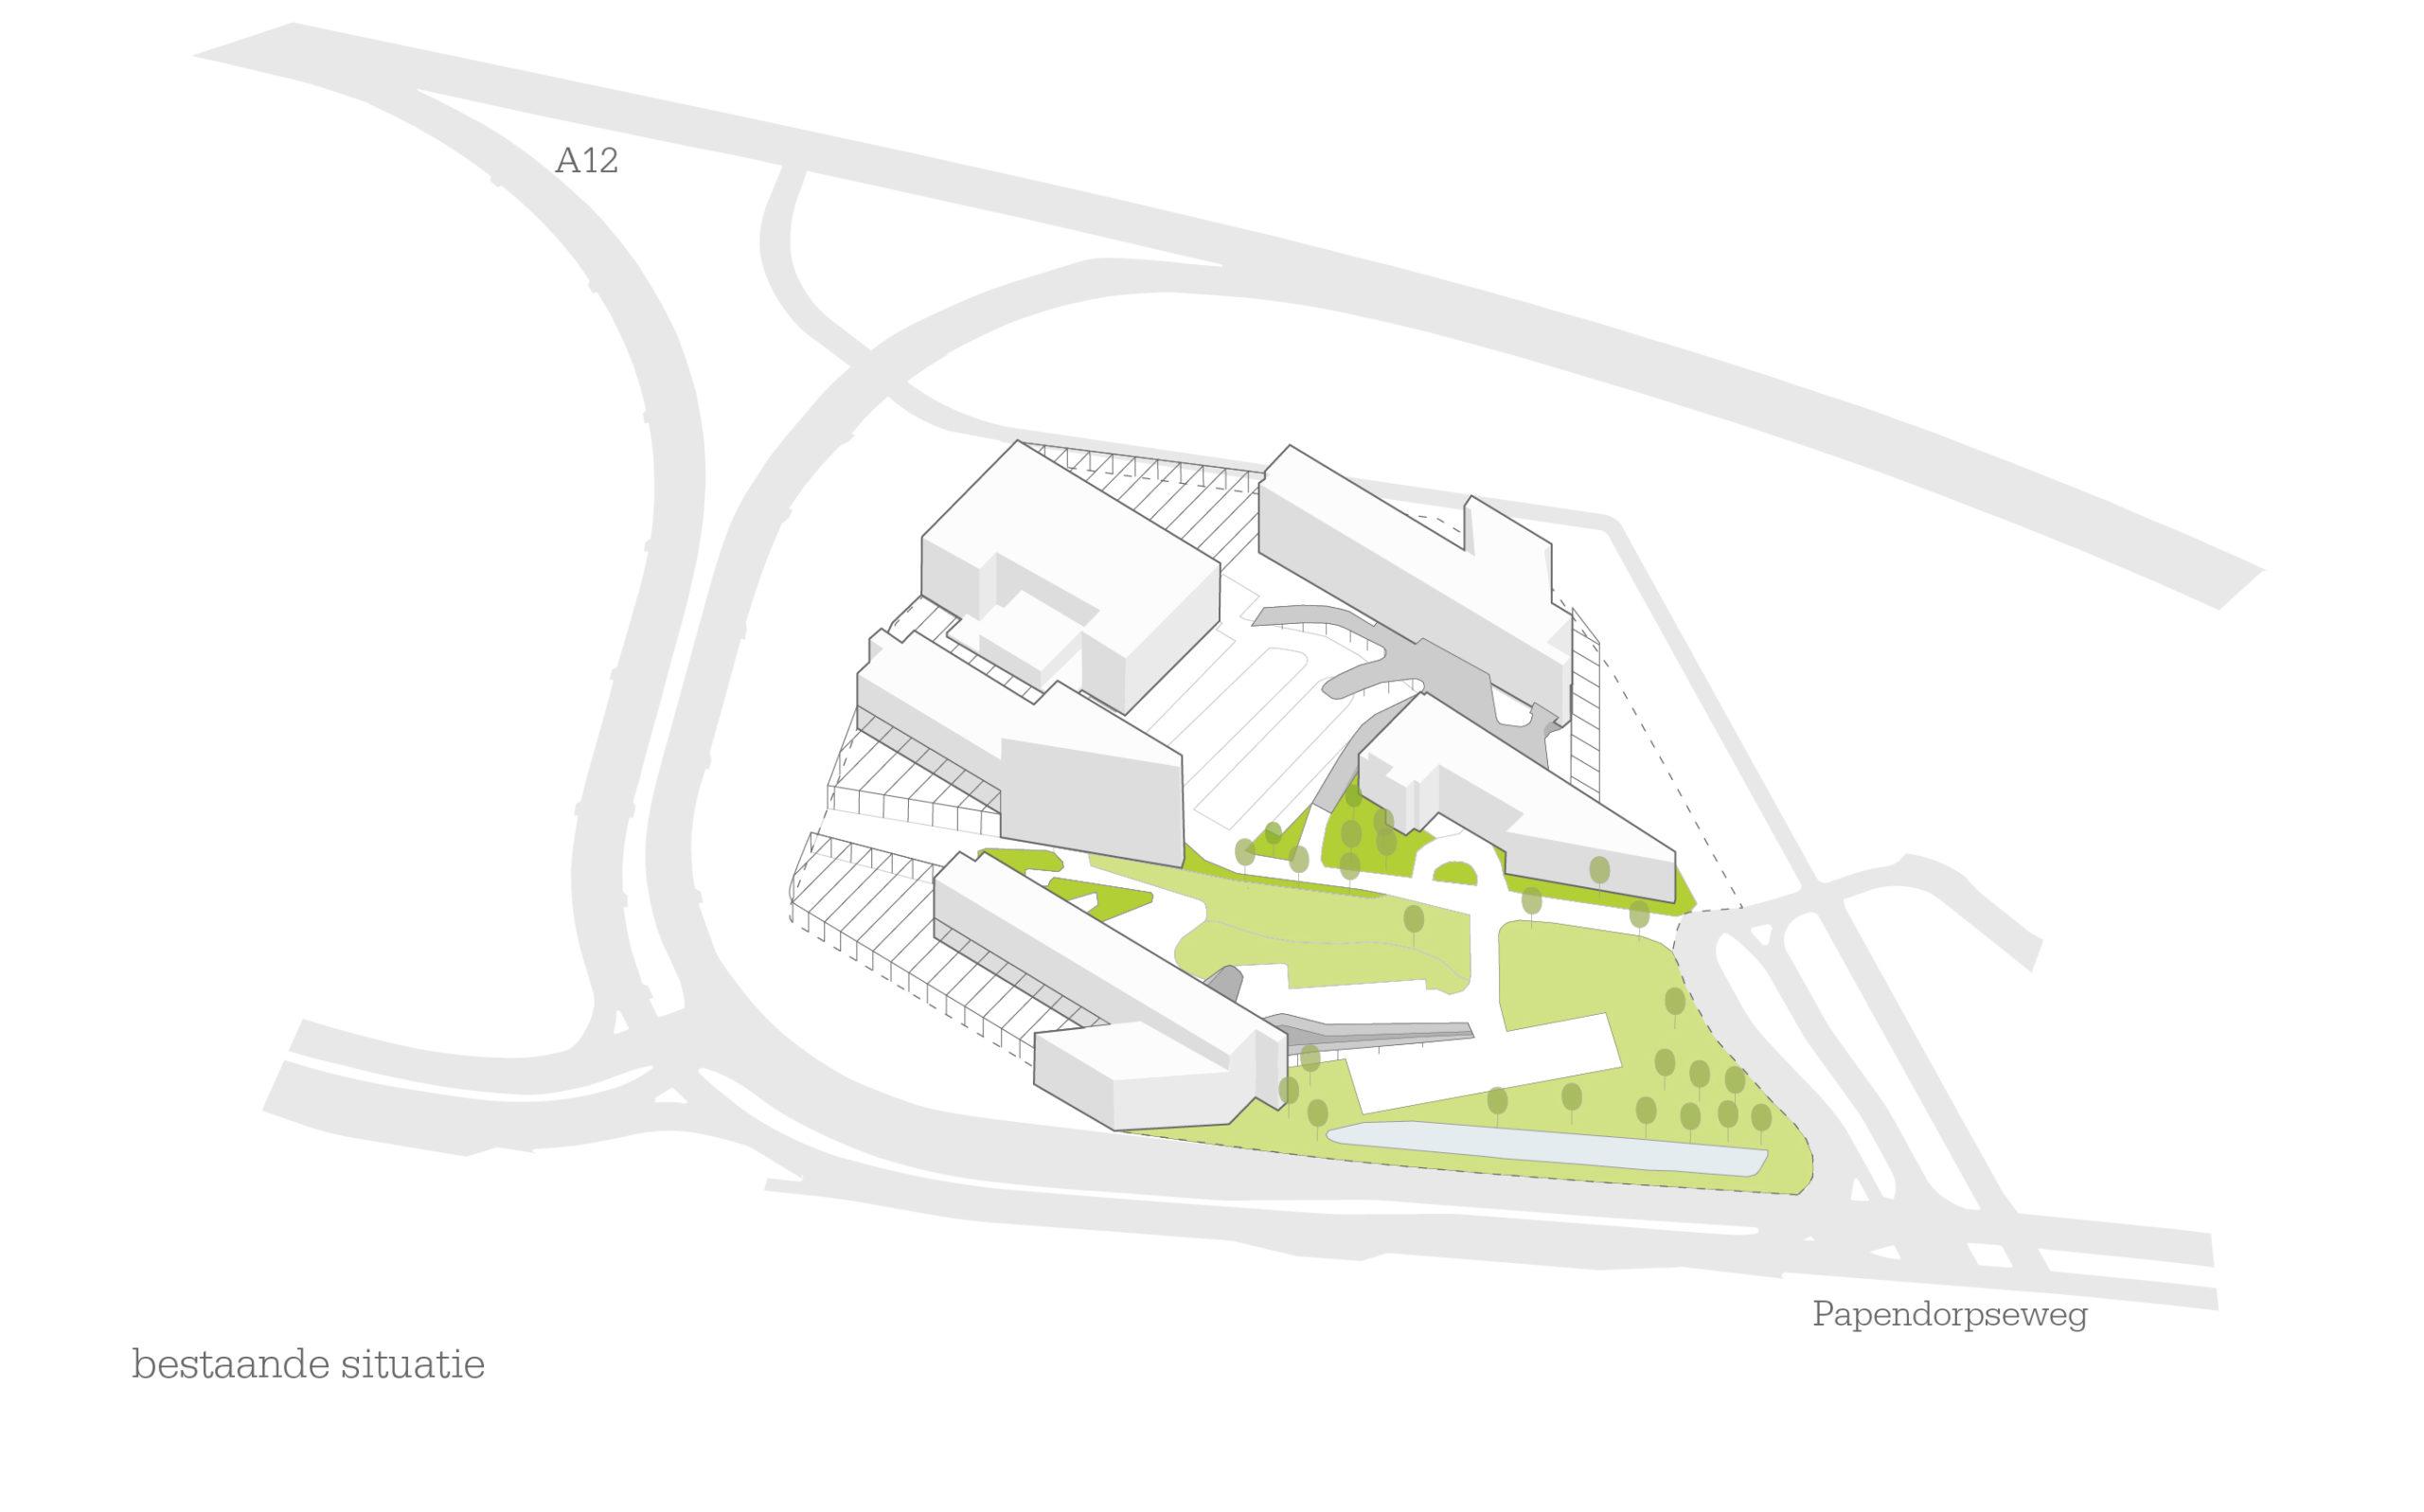 1601-Secoya Campus Utrecht_01-bestaande situatie